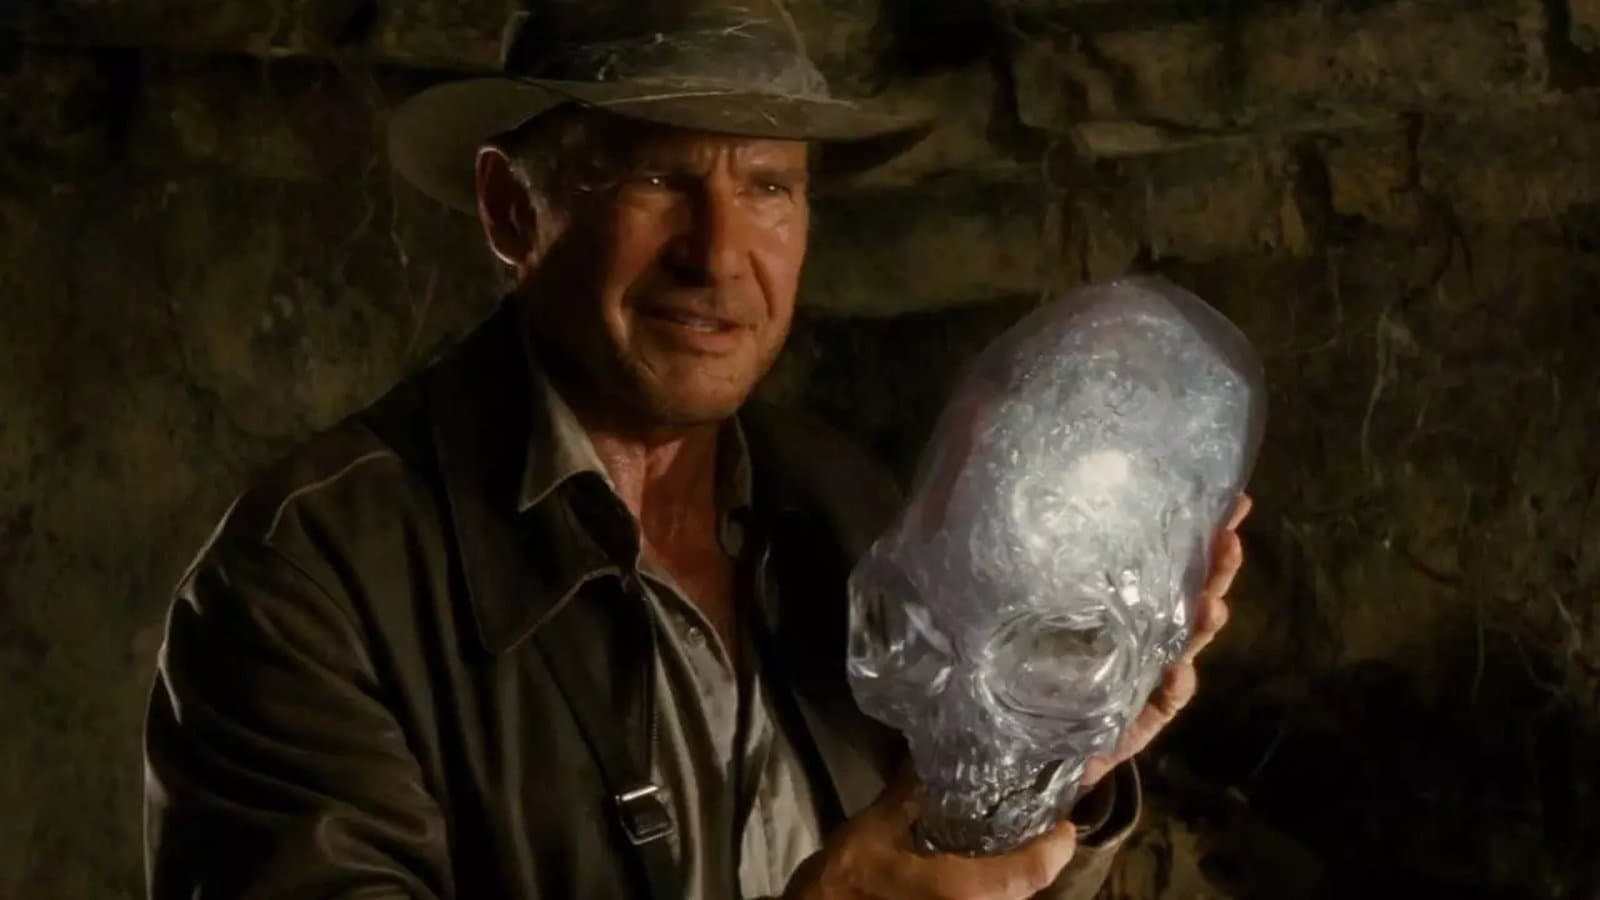 Tournage cinématographique : l'équipe d'Indiana Jones 5 bientôt au Maroc